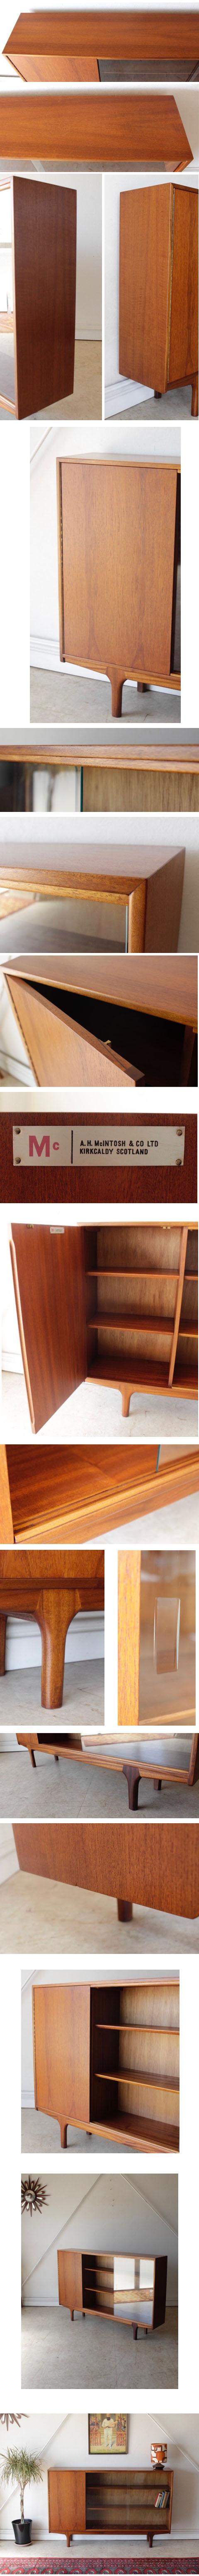 イギリス製ビンテージチーク・本棚・ブックケース/ミッドセンチュリー北欧アンティーク家具